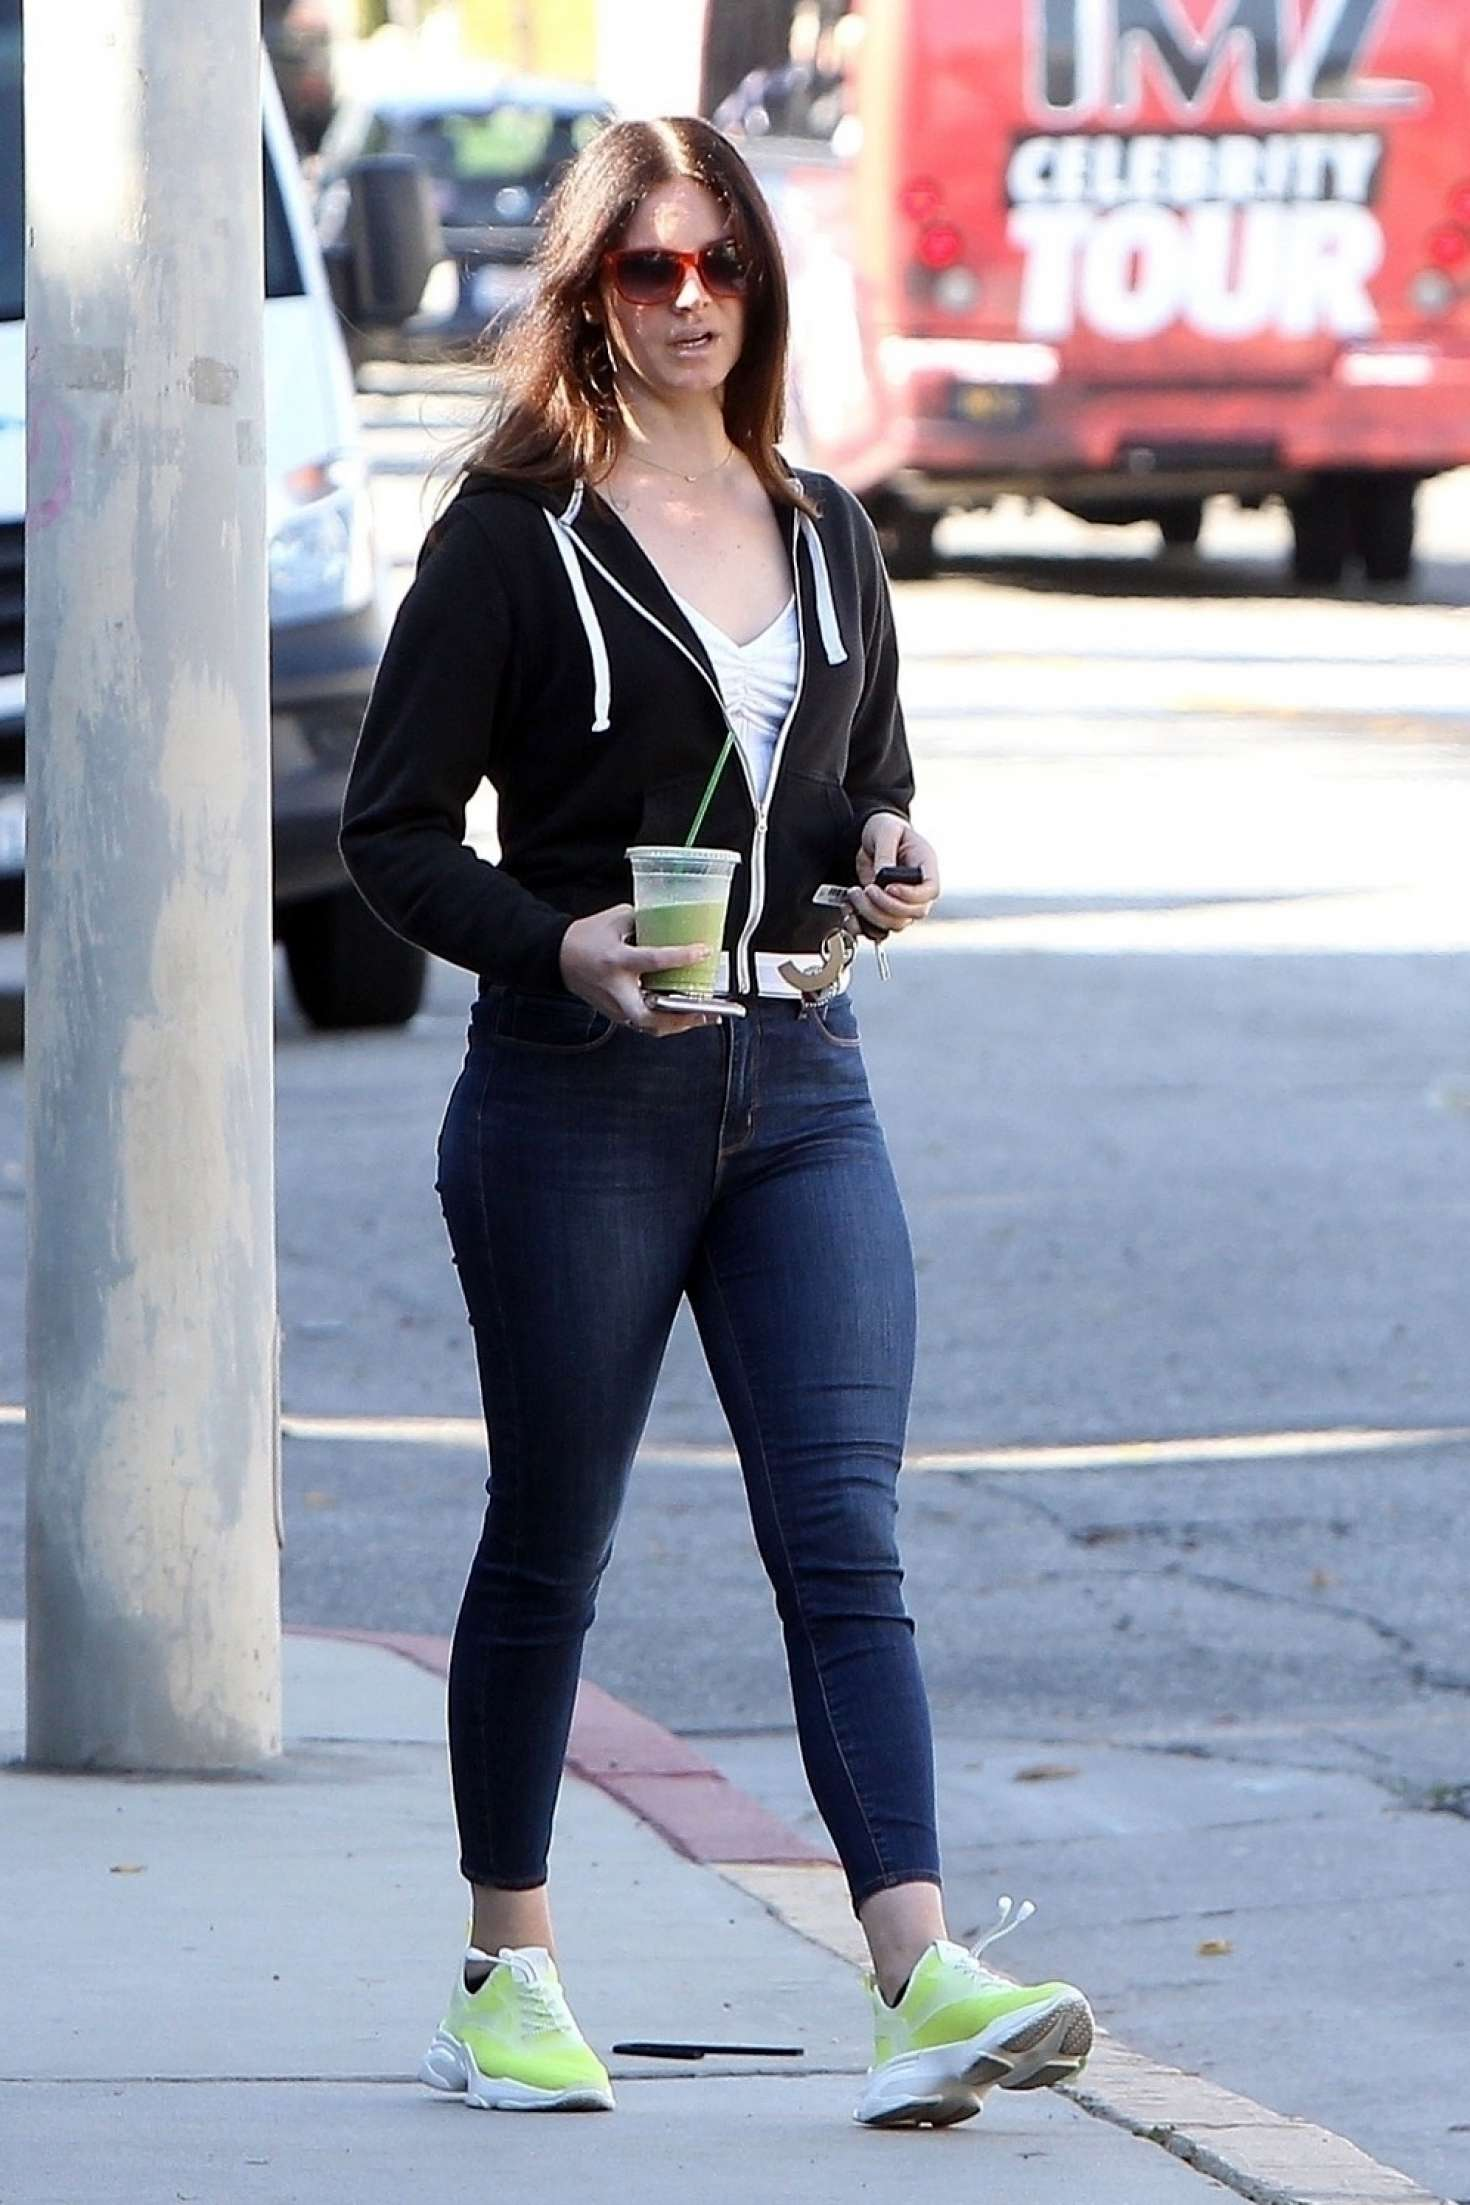 Lana Del Rey at Cha Cha Matcha in West Hollywood